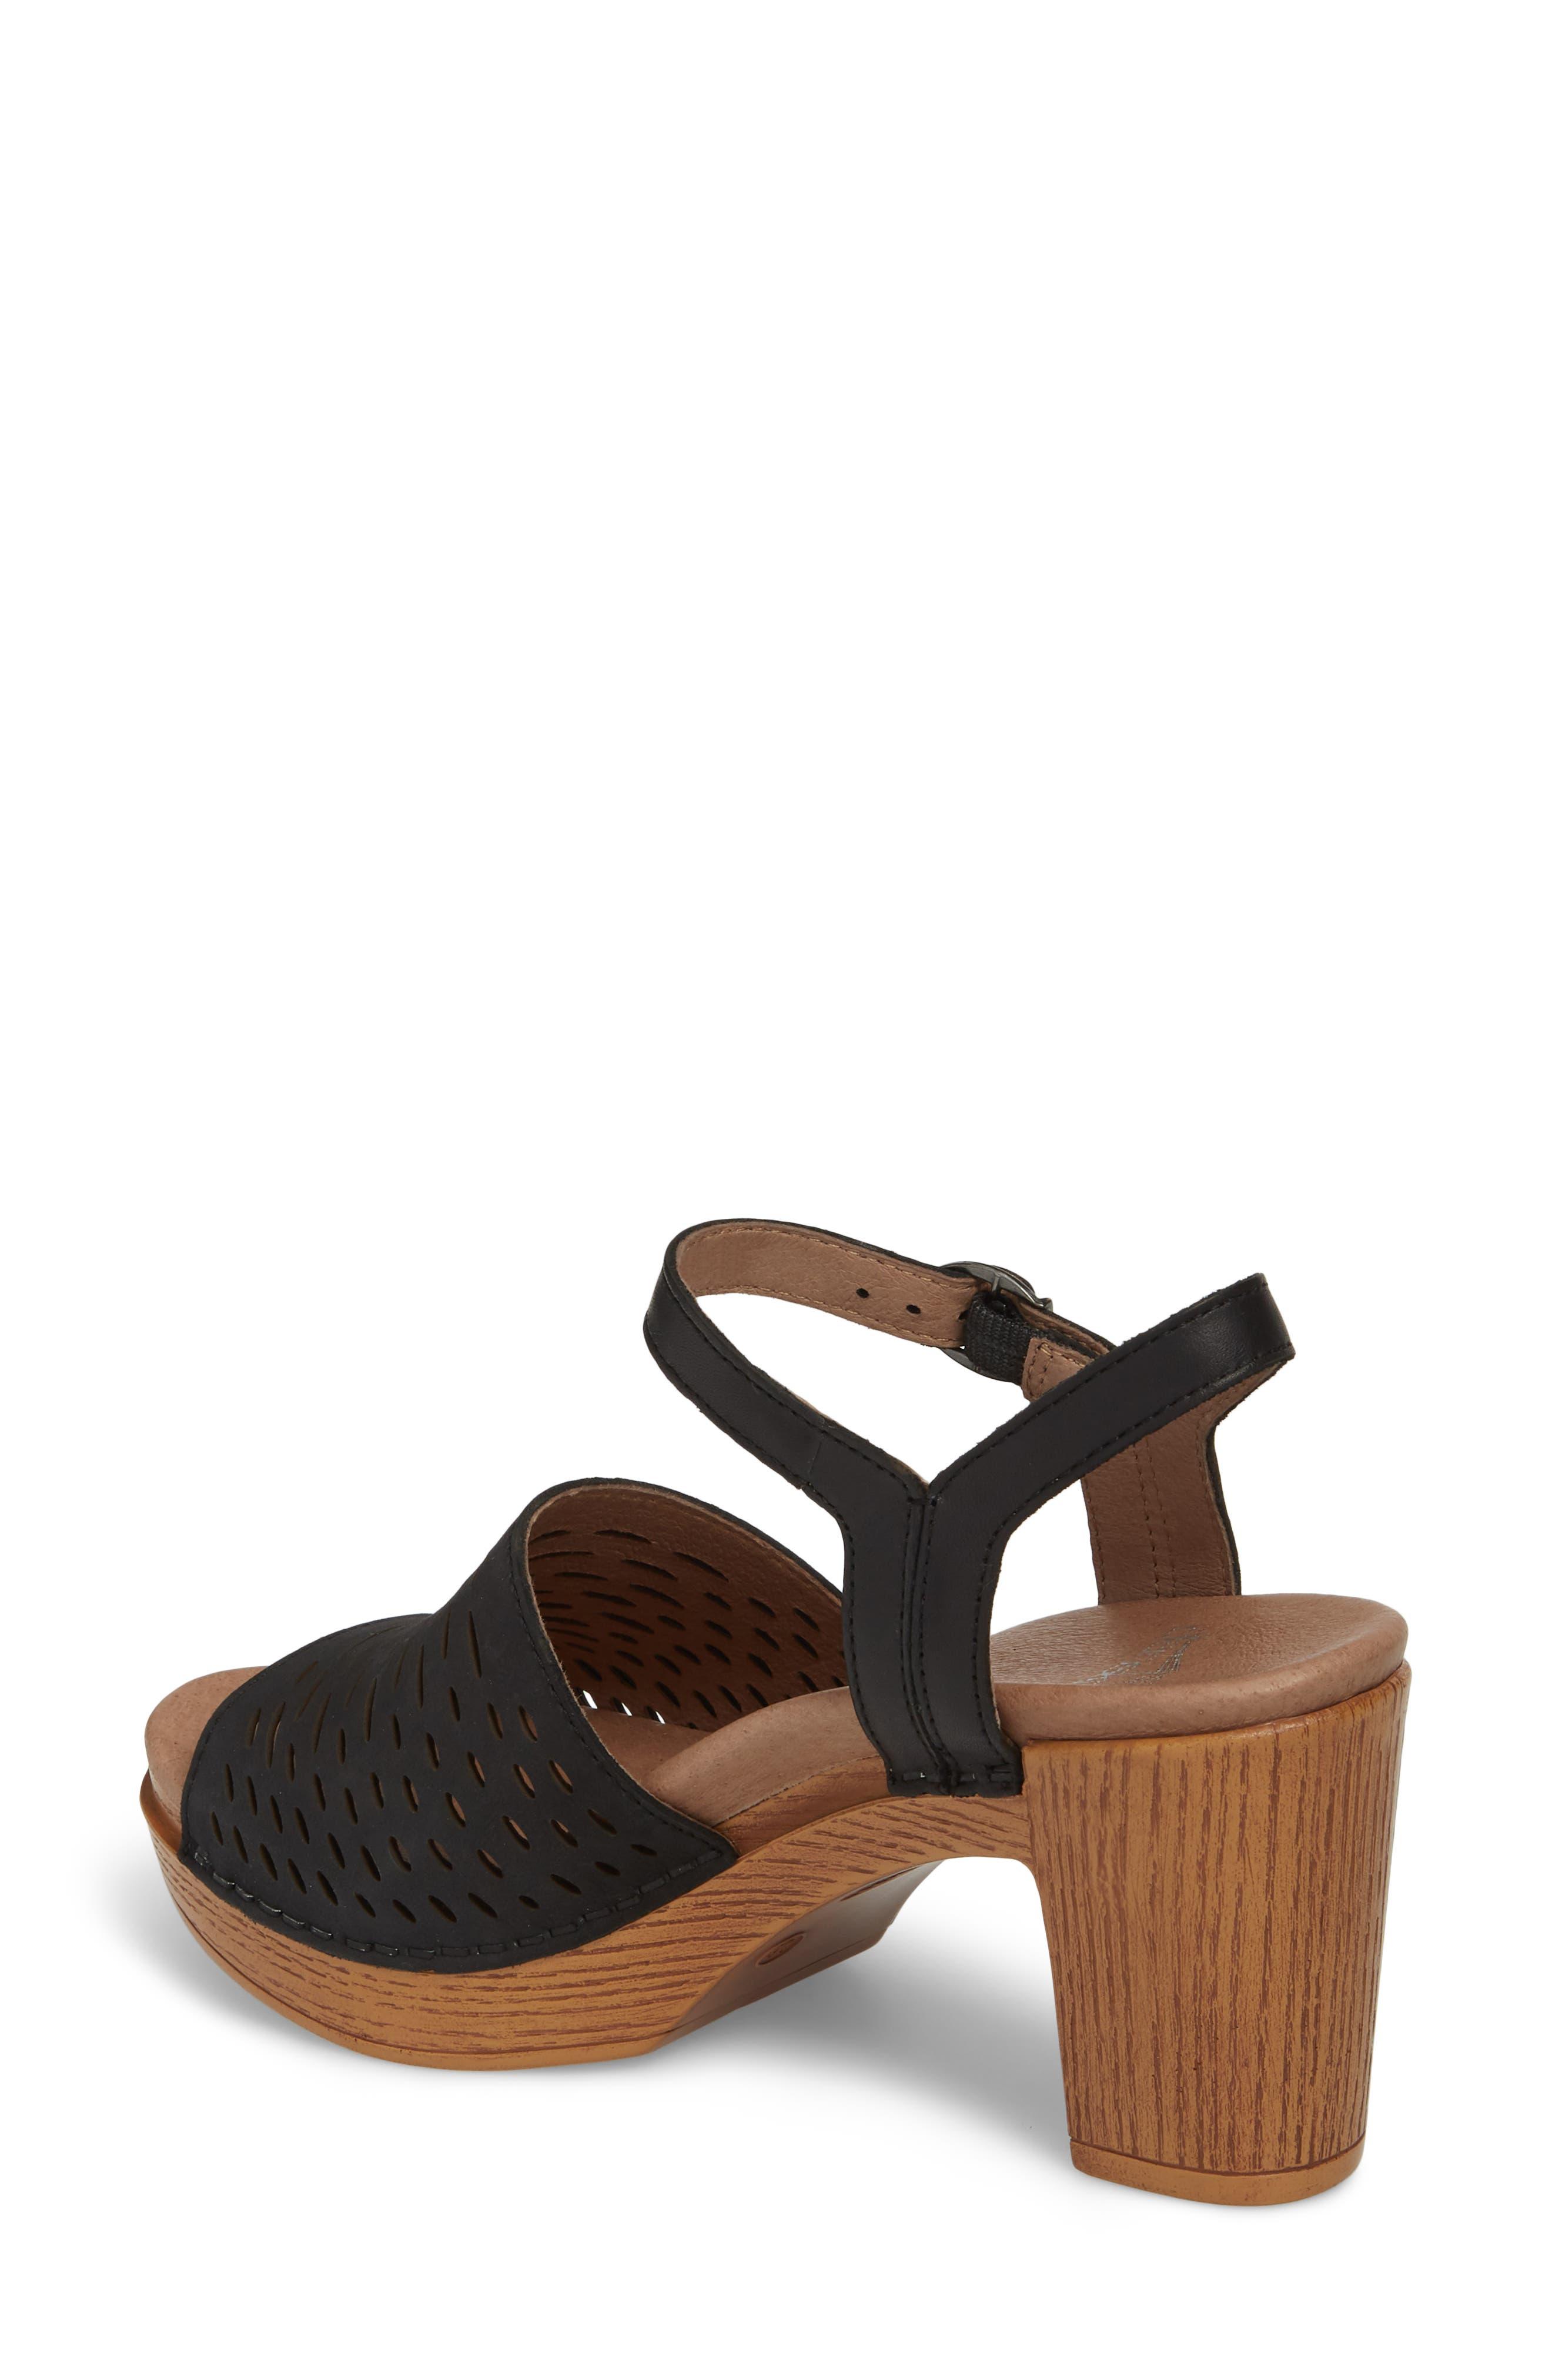 Denita Block Heel Sandal,                             Alternate thumbnail 2, color,                             001